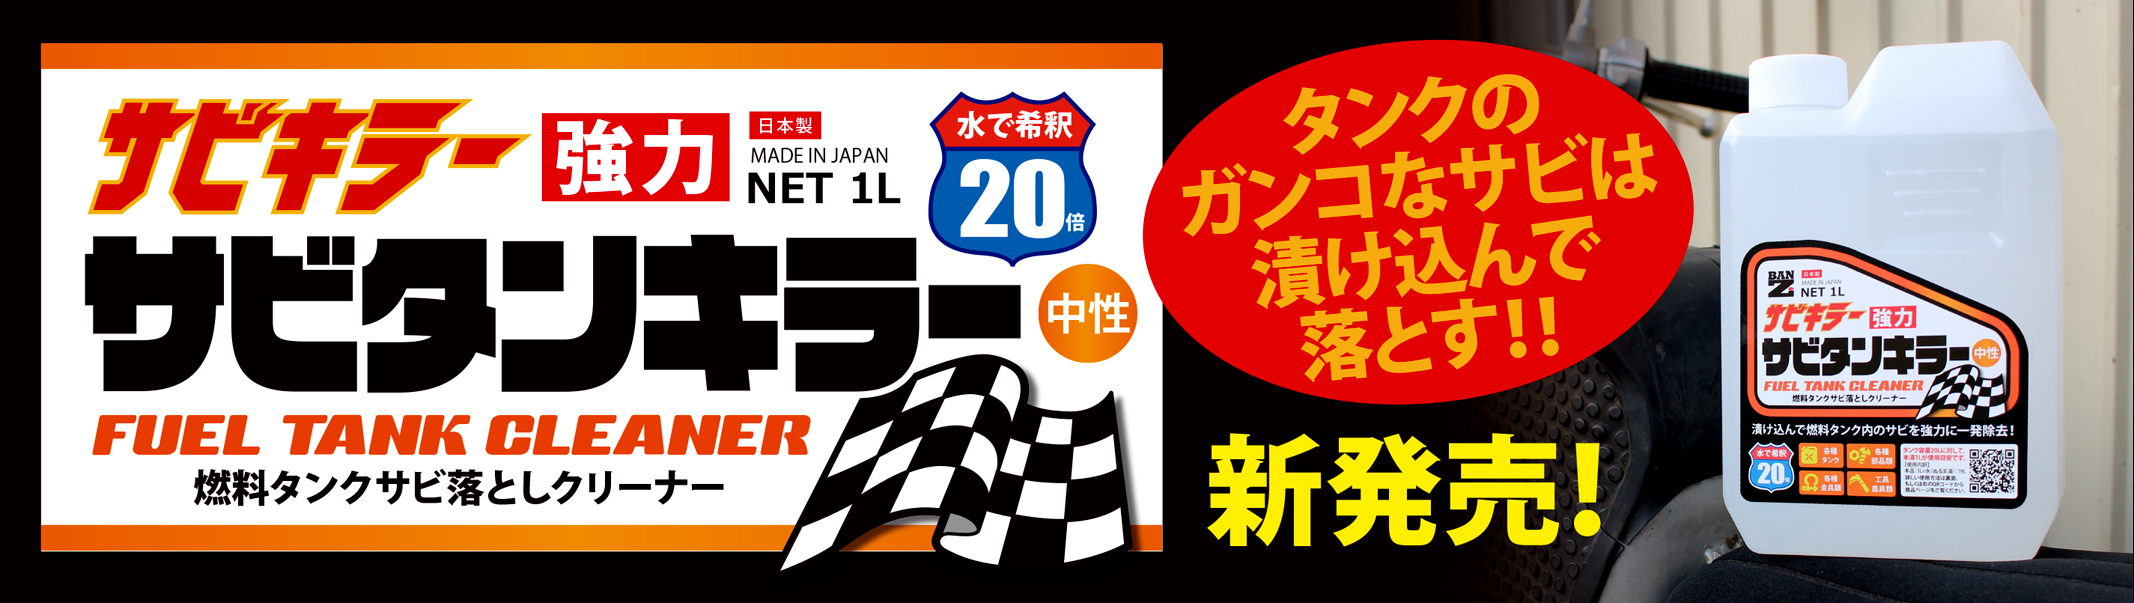 新発売!サビキラーPROの黒色Ver!!